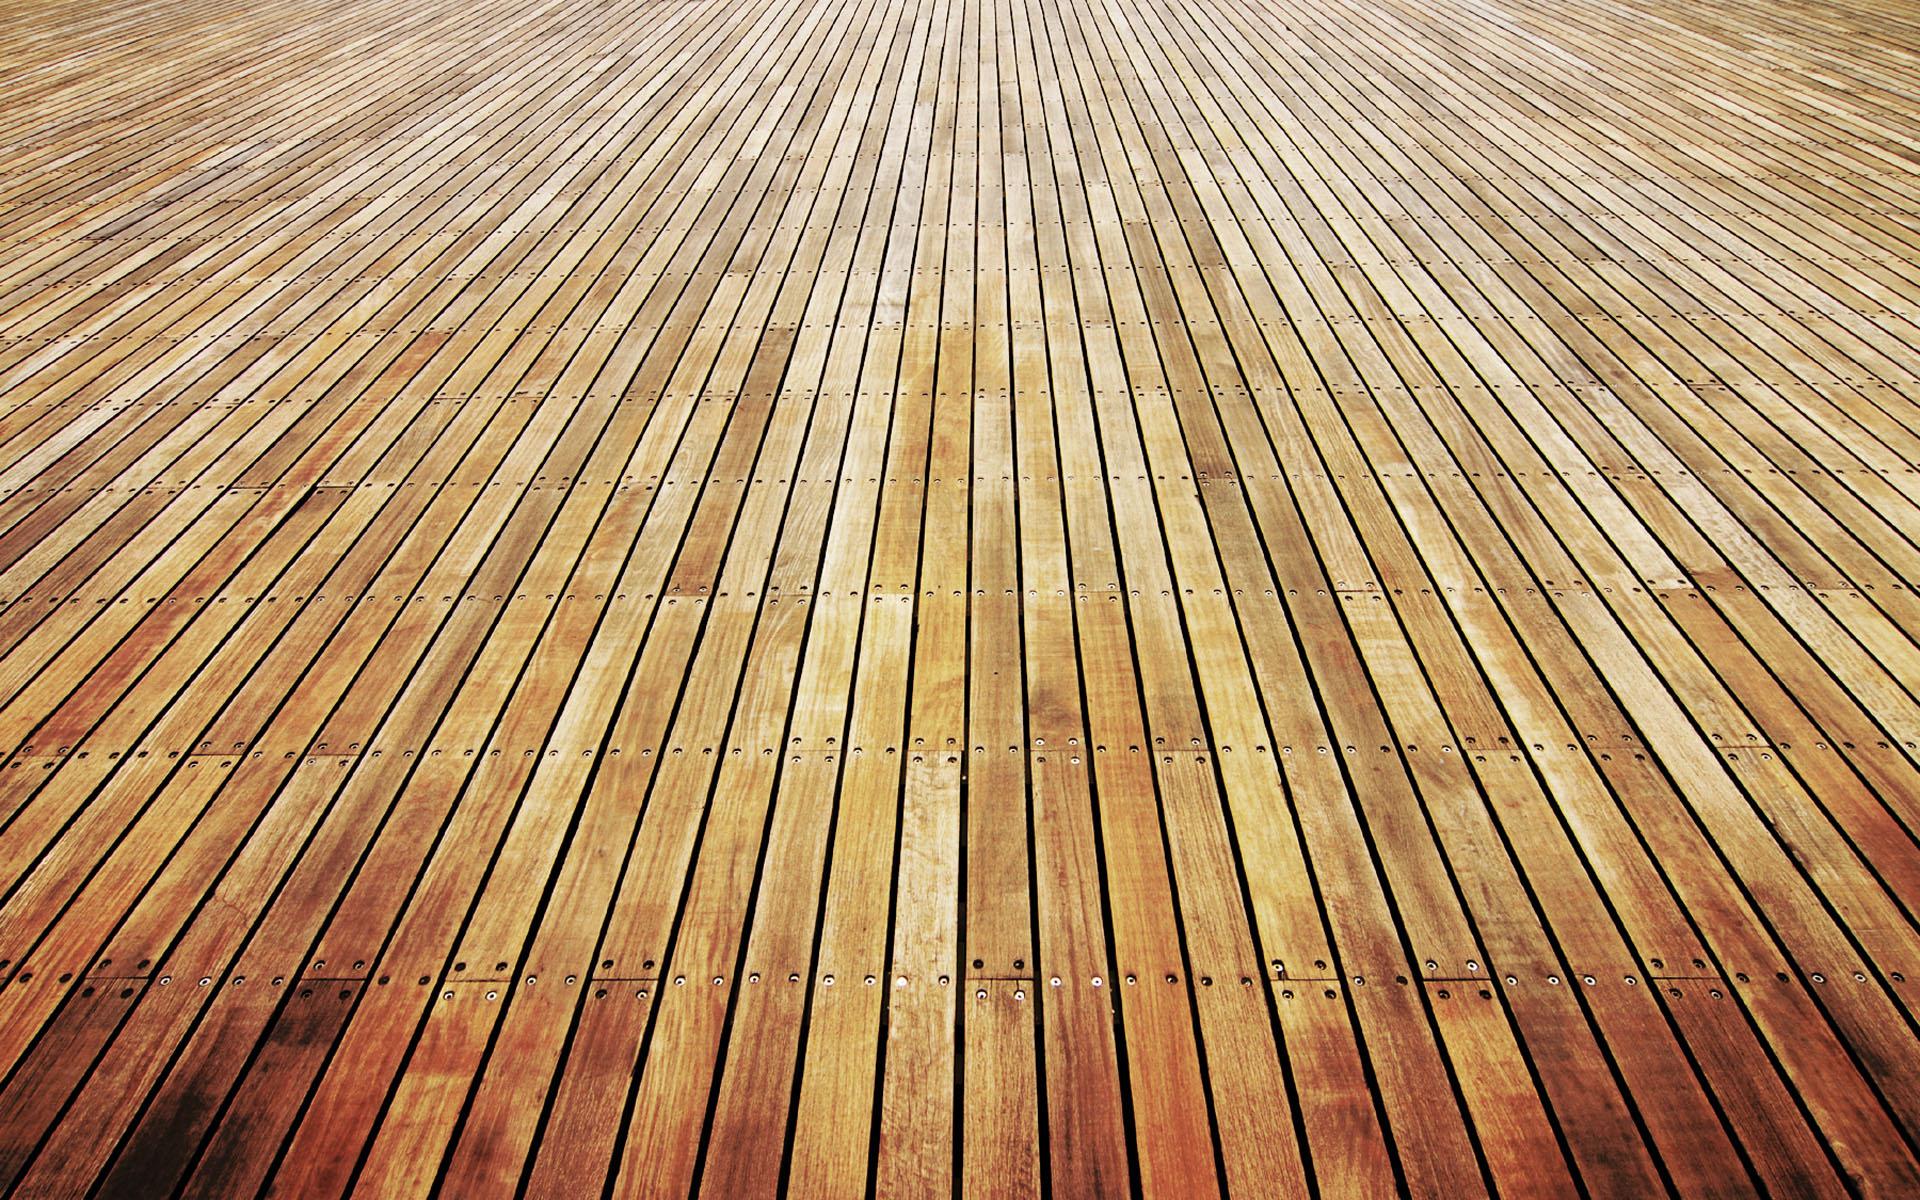 Free download floor hd wallpaper wood floor hd wallpaper independent Flooring [1920x1200] for your Desktop, Mobile & Tablet   Explore 48+ Wallpaper on Floors   Wood Floor Wallpaper, Hardwood Floor Wallpaper, 1950 Wallpaper Patterns